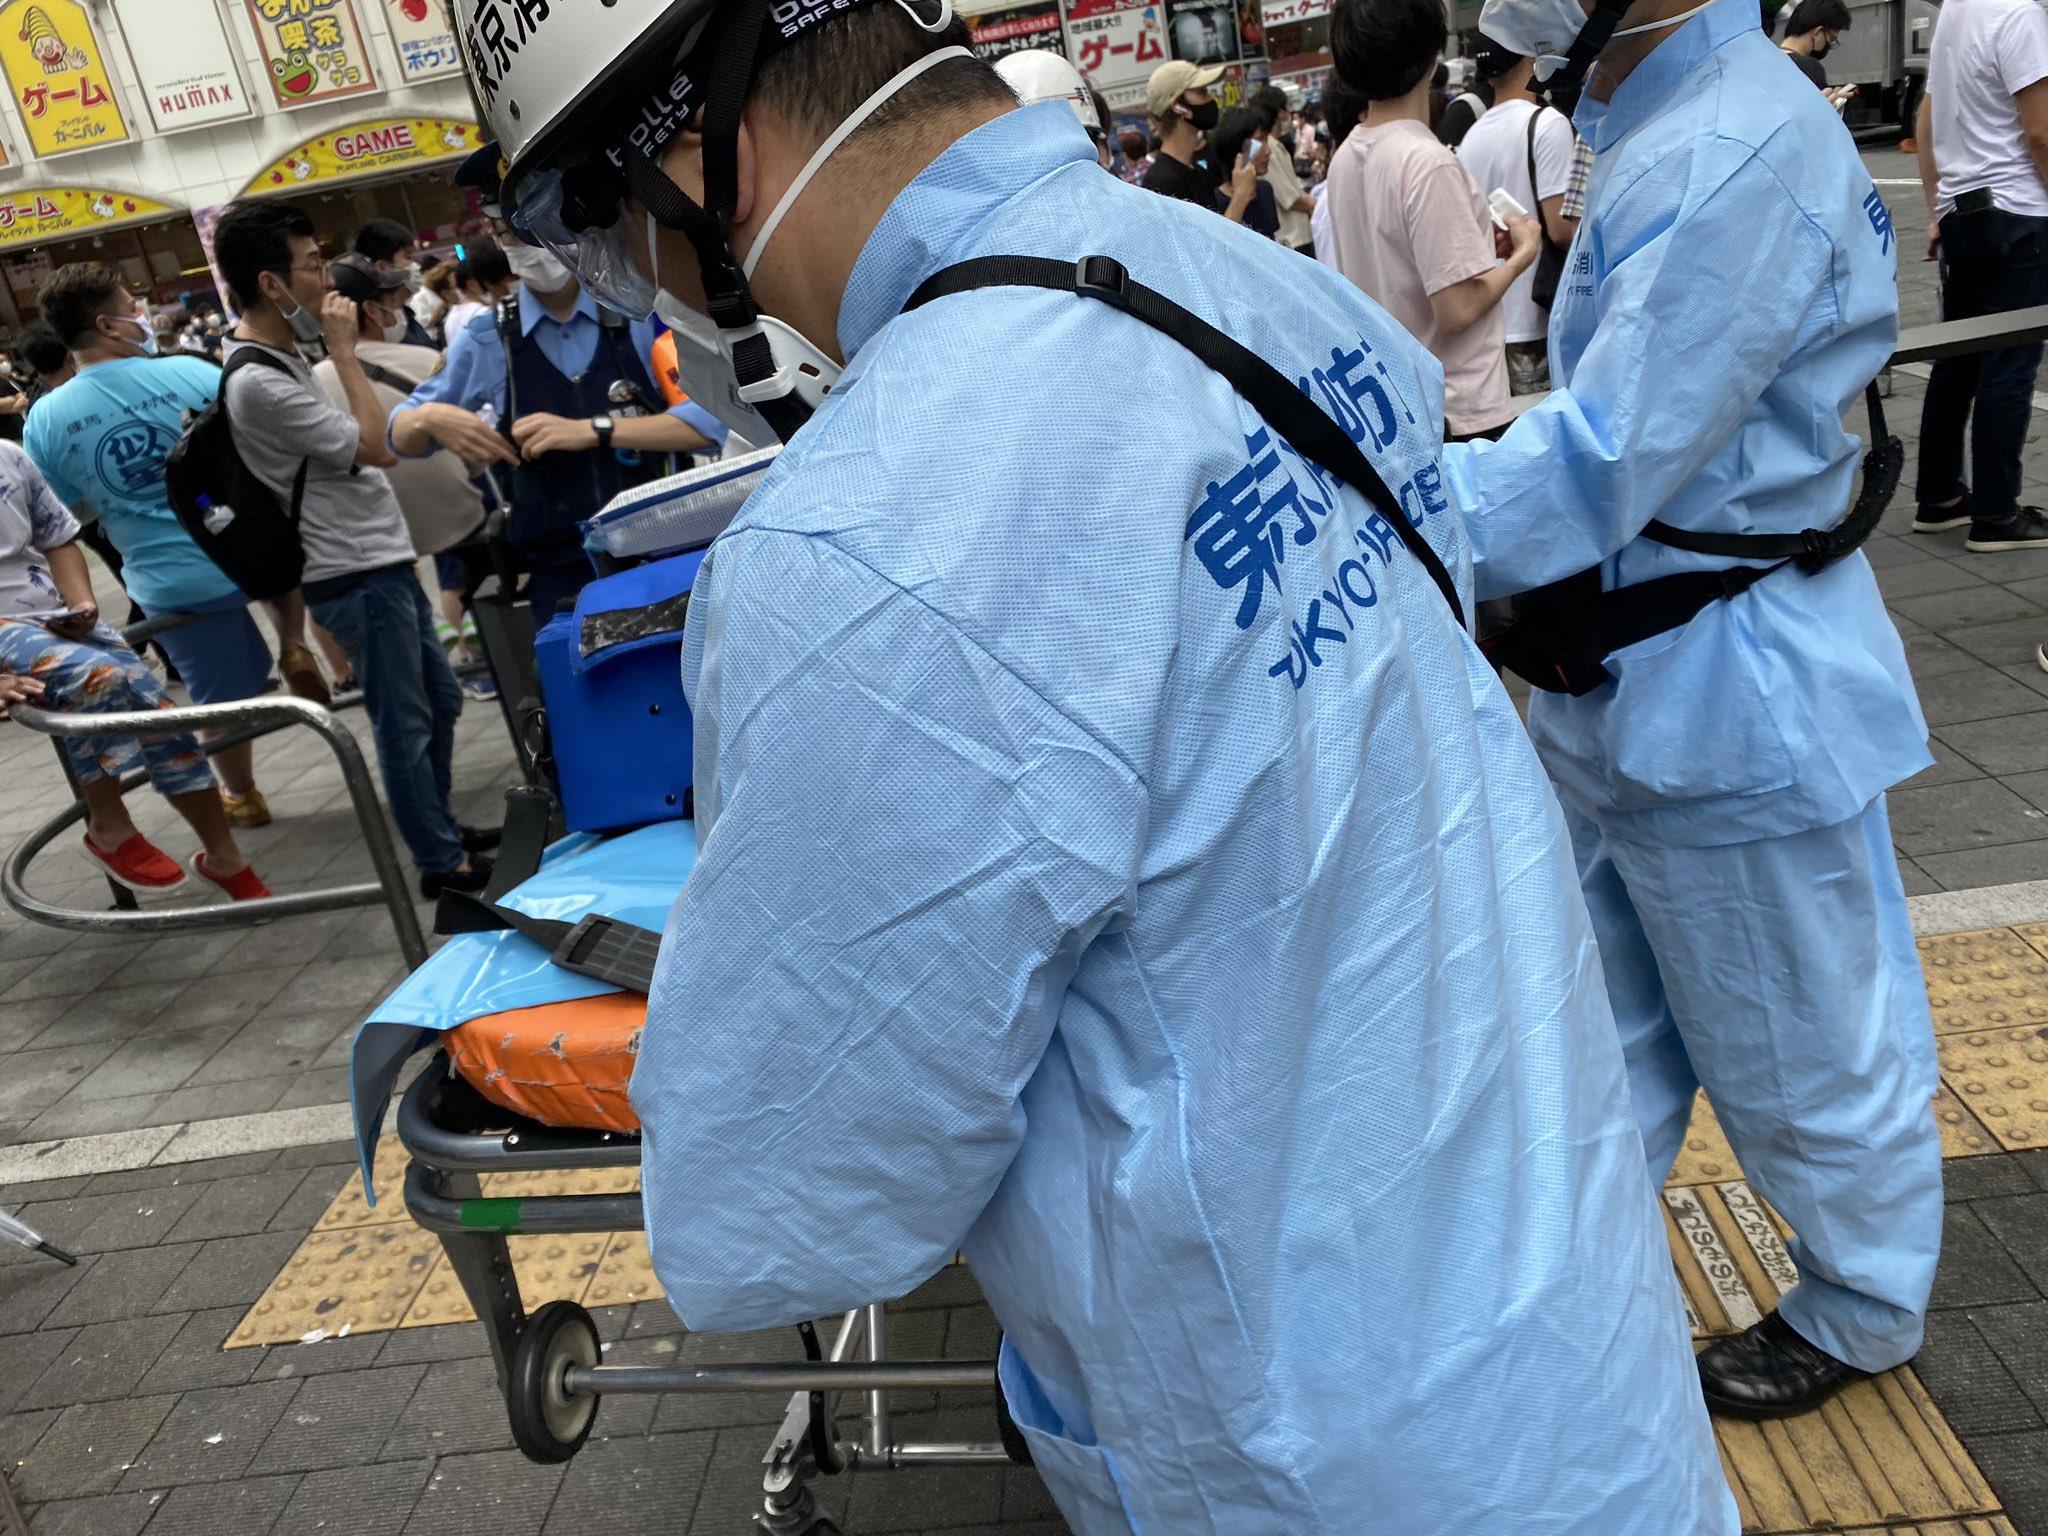 マルハン新宿東宝ビル店で急病人発生で救急隊が駆けつけている画像